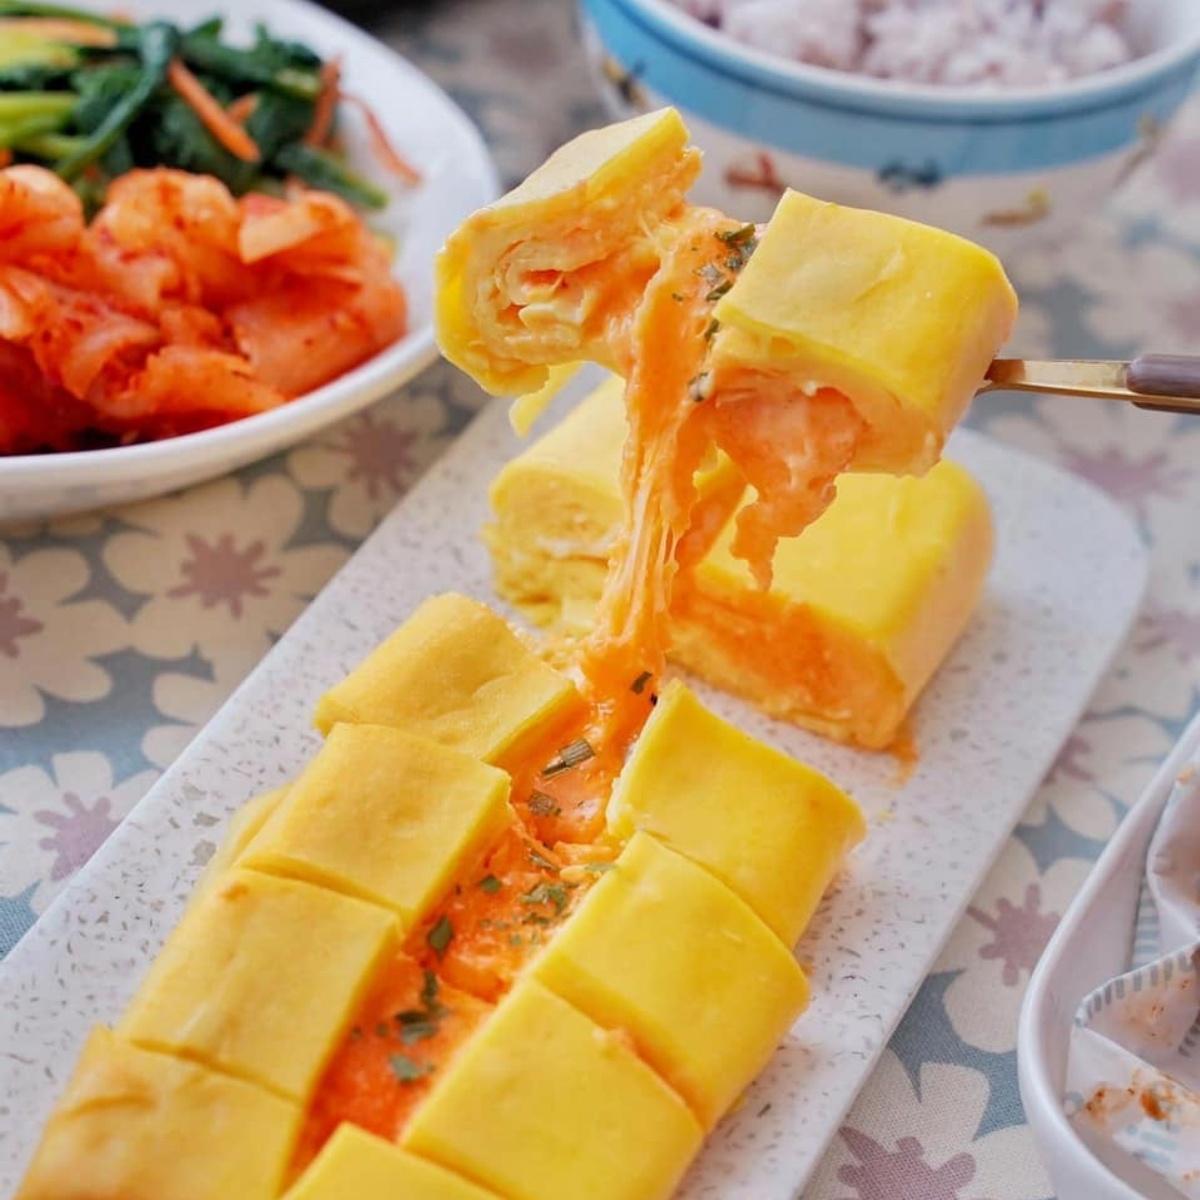 幾歲送幾隻!玉豆腐「壽星蝦蛋糕」超澎派,再嗑巨無霸燒烤肋排+明太子起司蛋捲